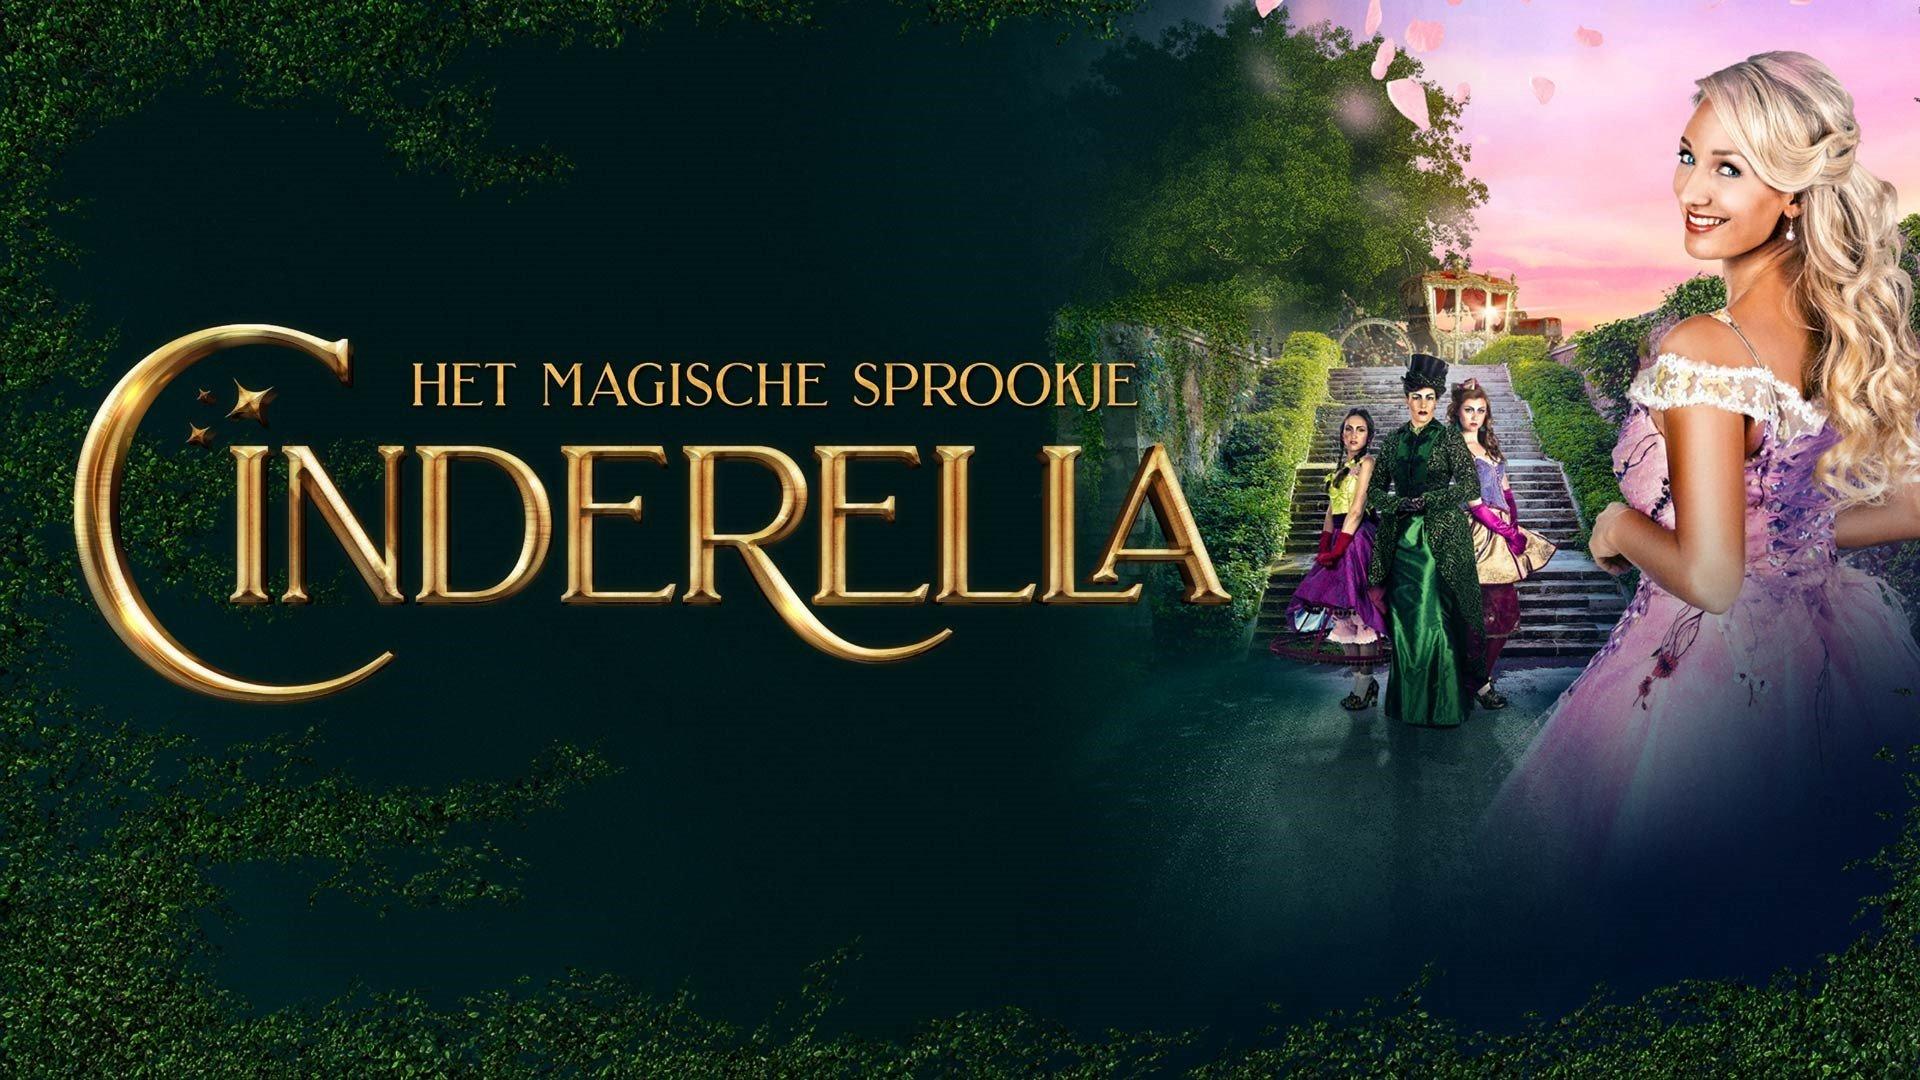 Music Hall presenteert magisch sprookje 'Cinderella' - Cinderella 1